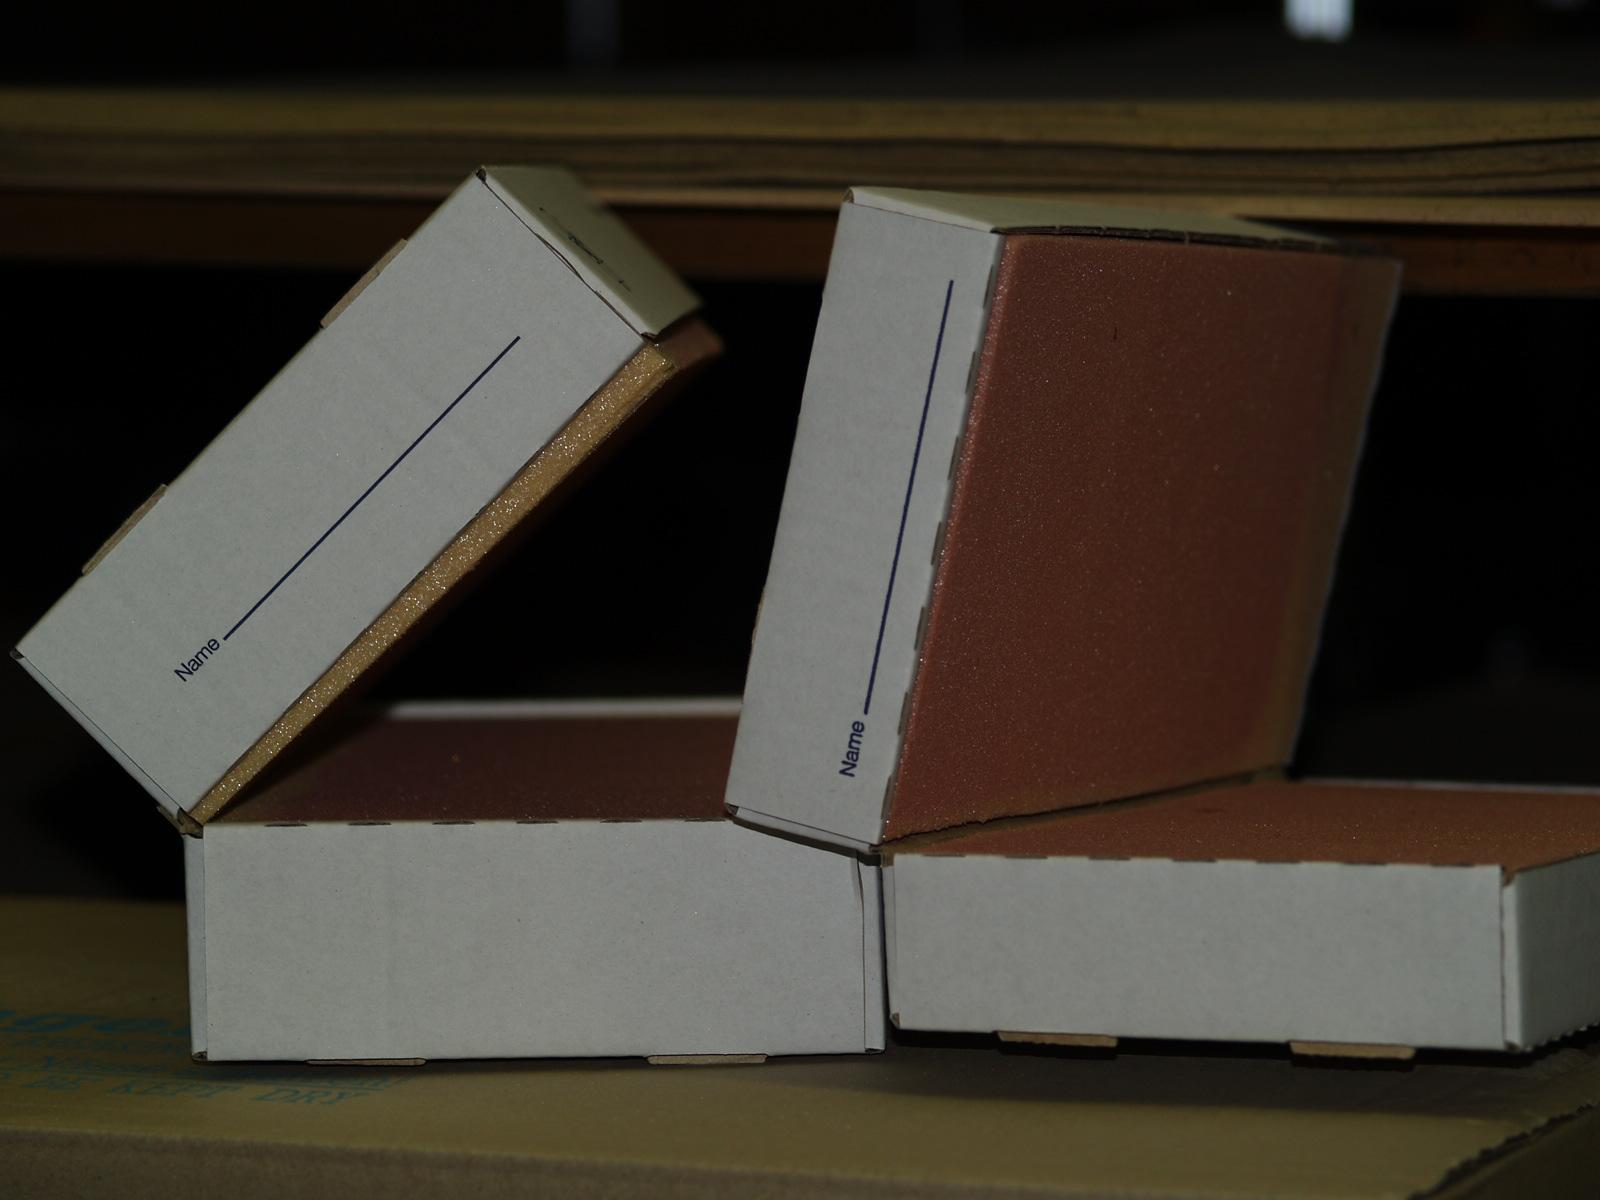 aktuelle angebote dampfb gelstation kleine werbegeschenke. Black Bedroom Furniture Sets. Home Design Ideas